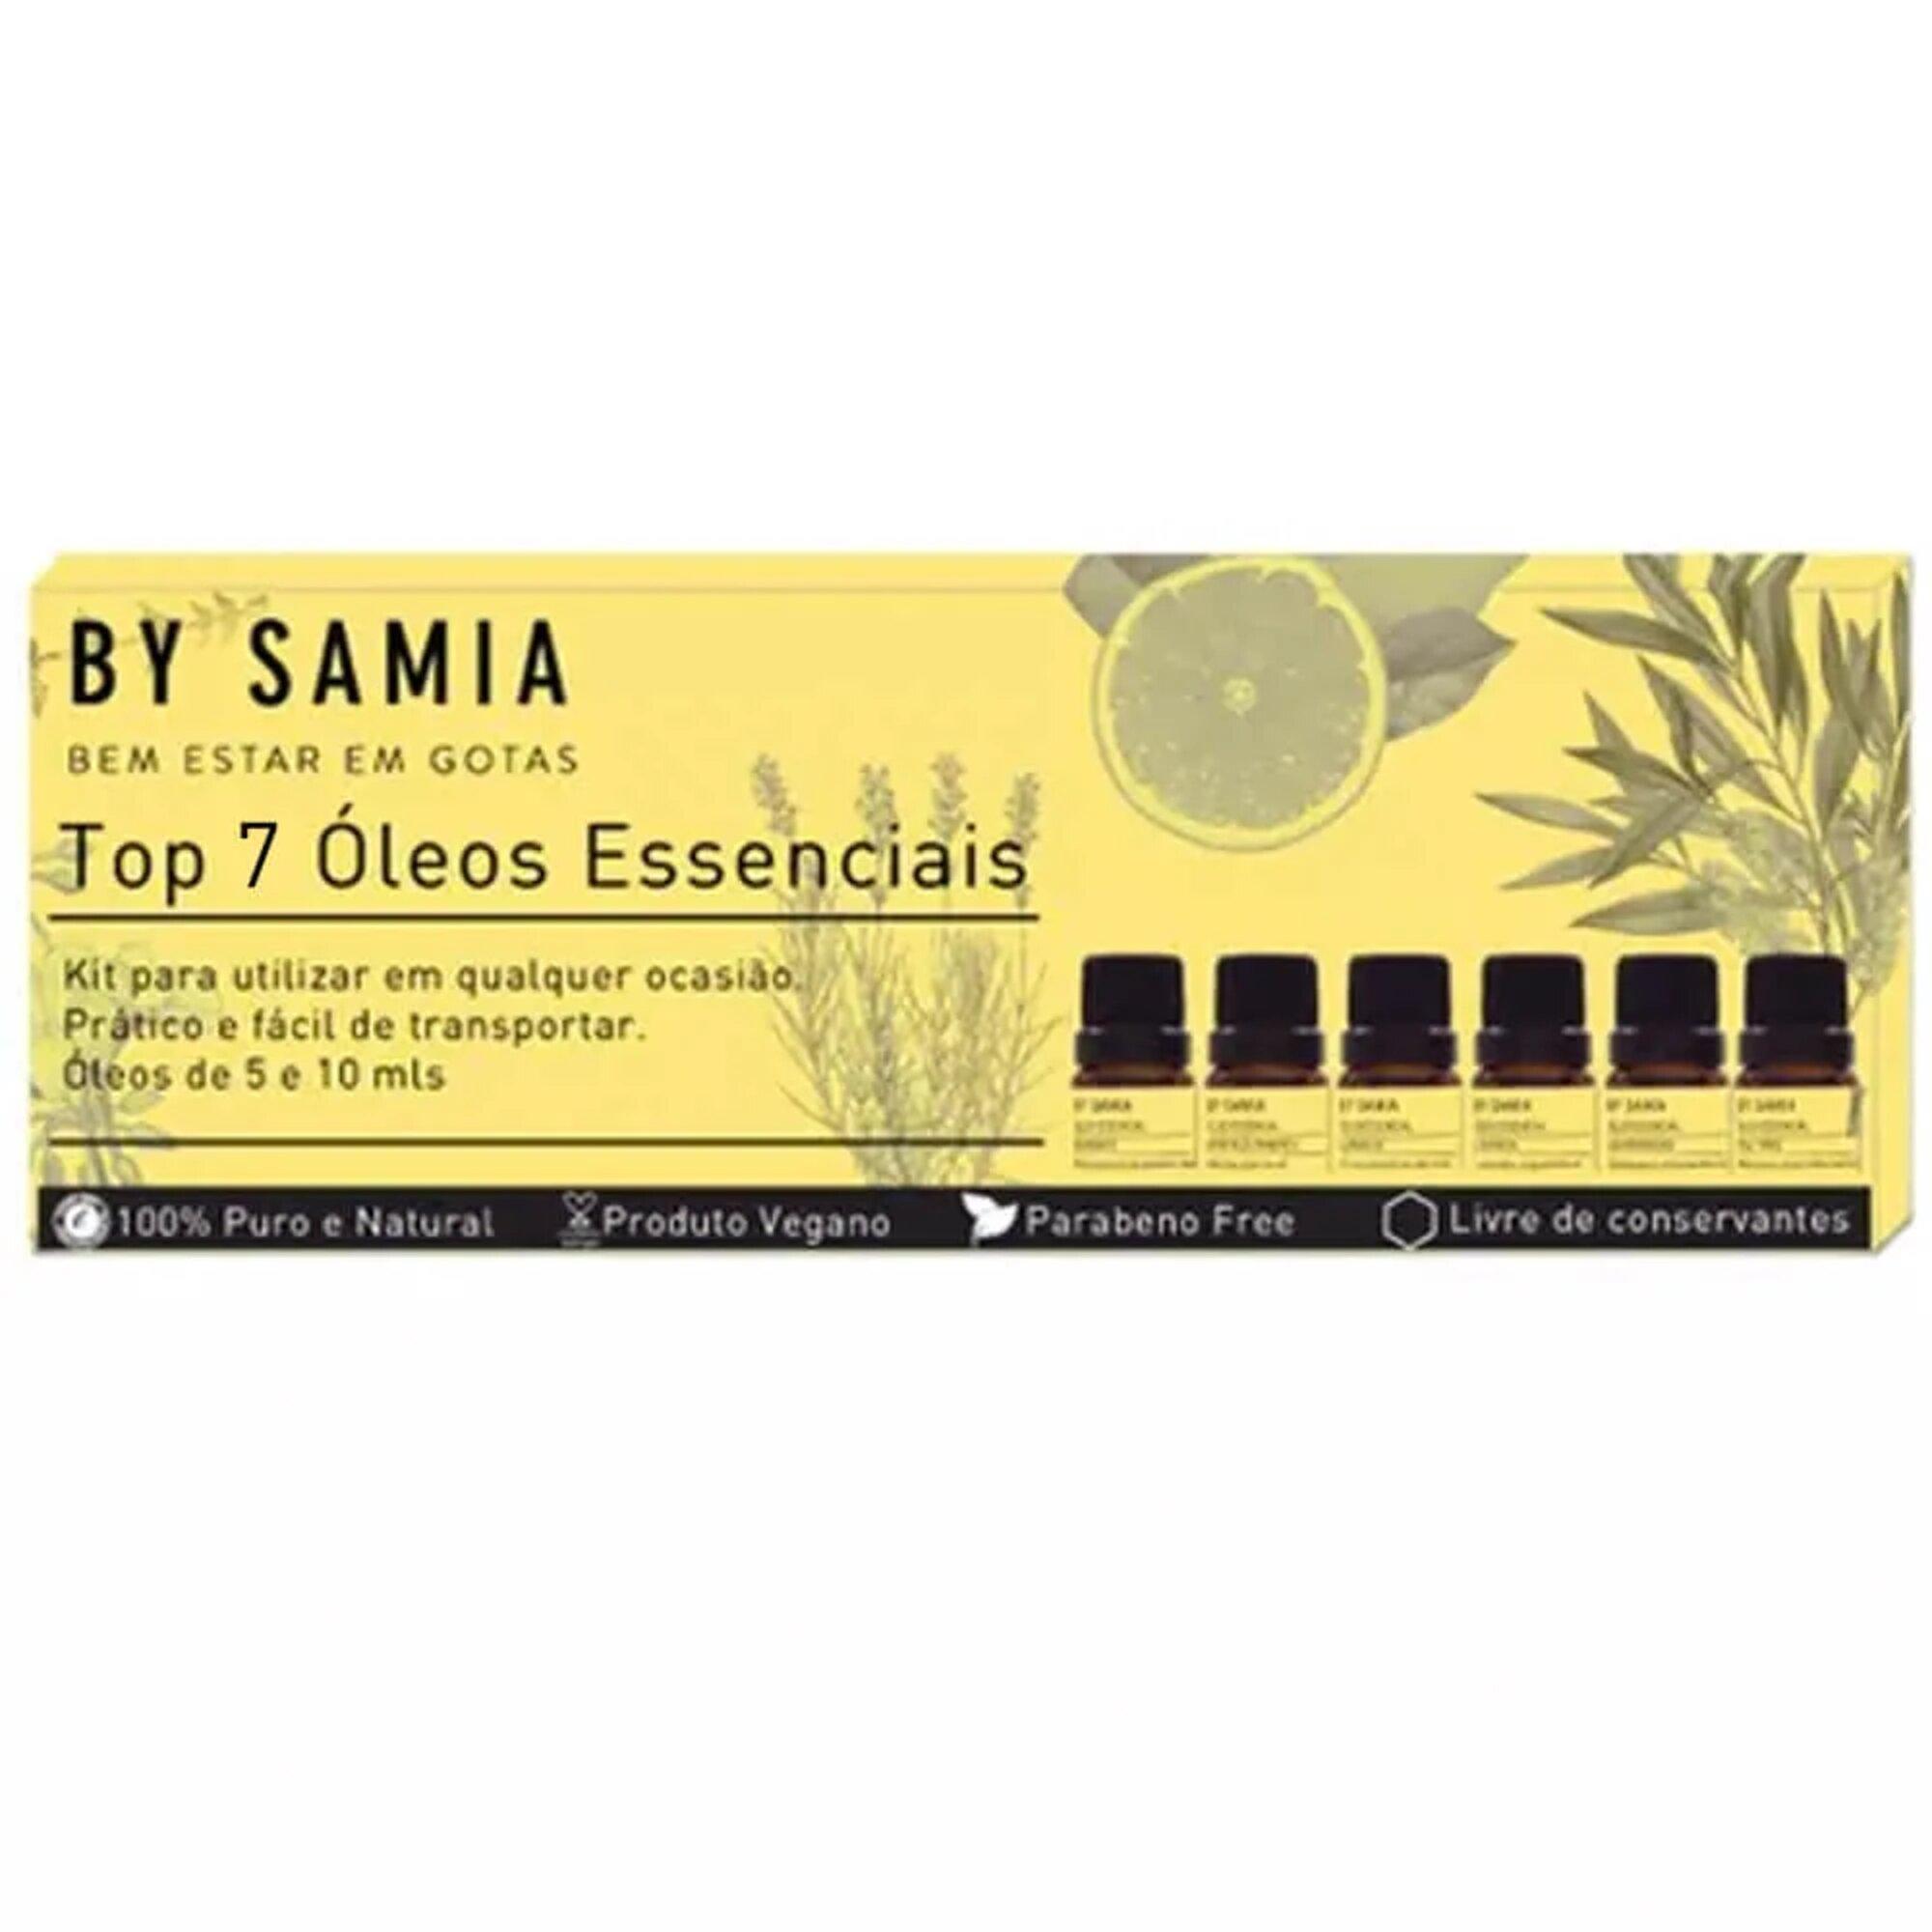 Kit Top 7 Óleos Essenciais By Samia